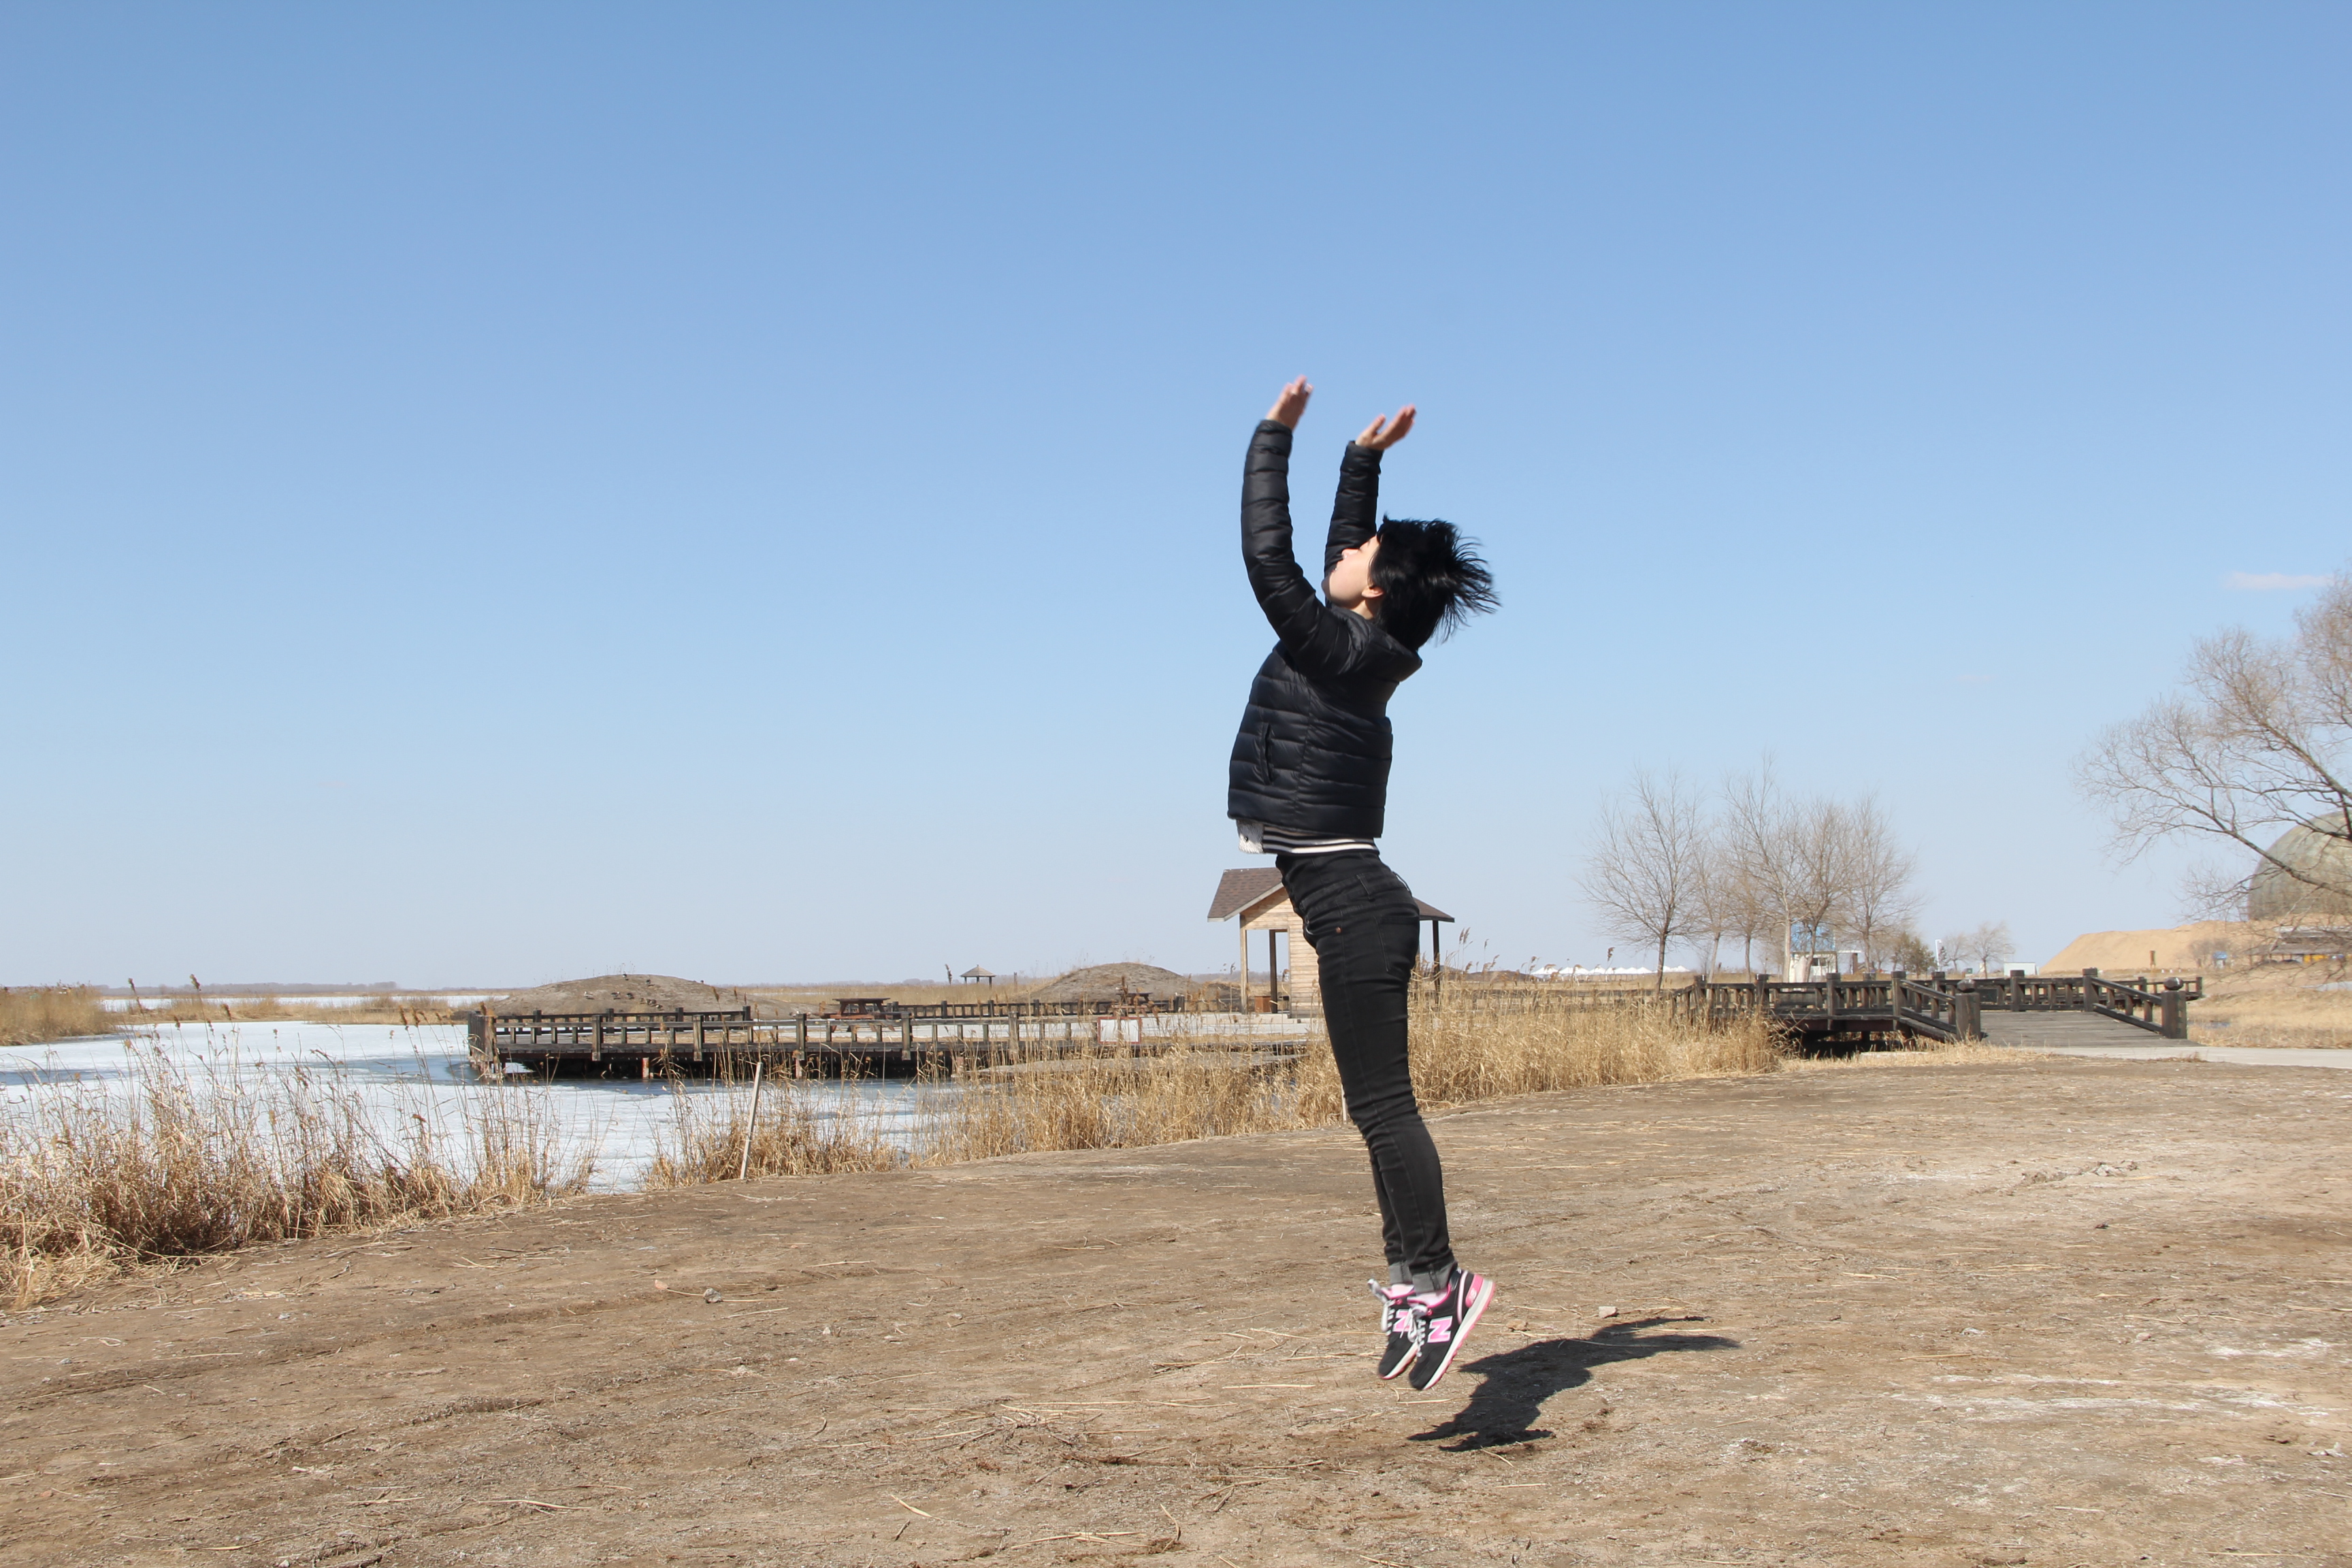 扎龙丹顶鹤国际半程马拉松赛,将于9月10日8时30分在我市扎龙自然保护